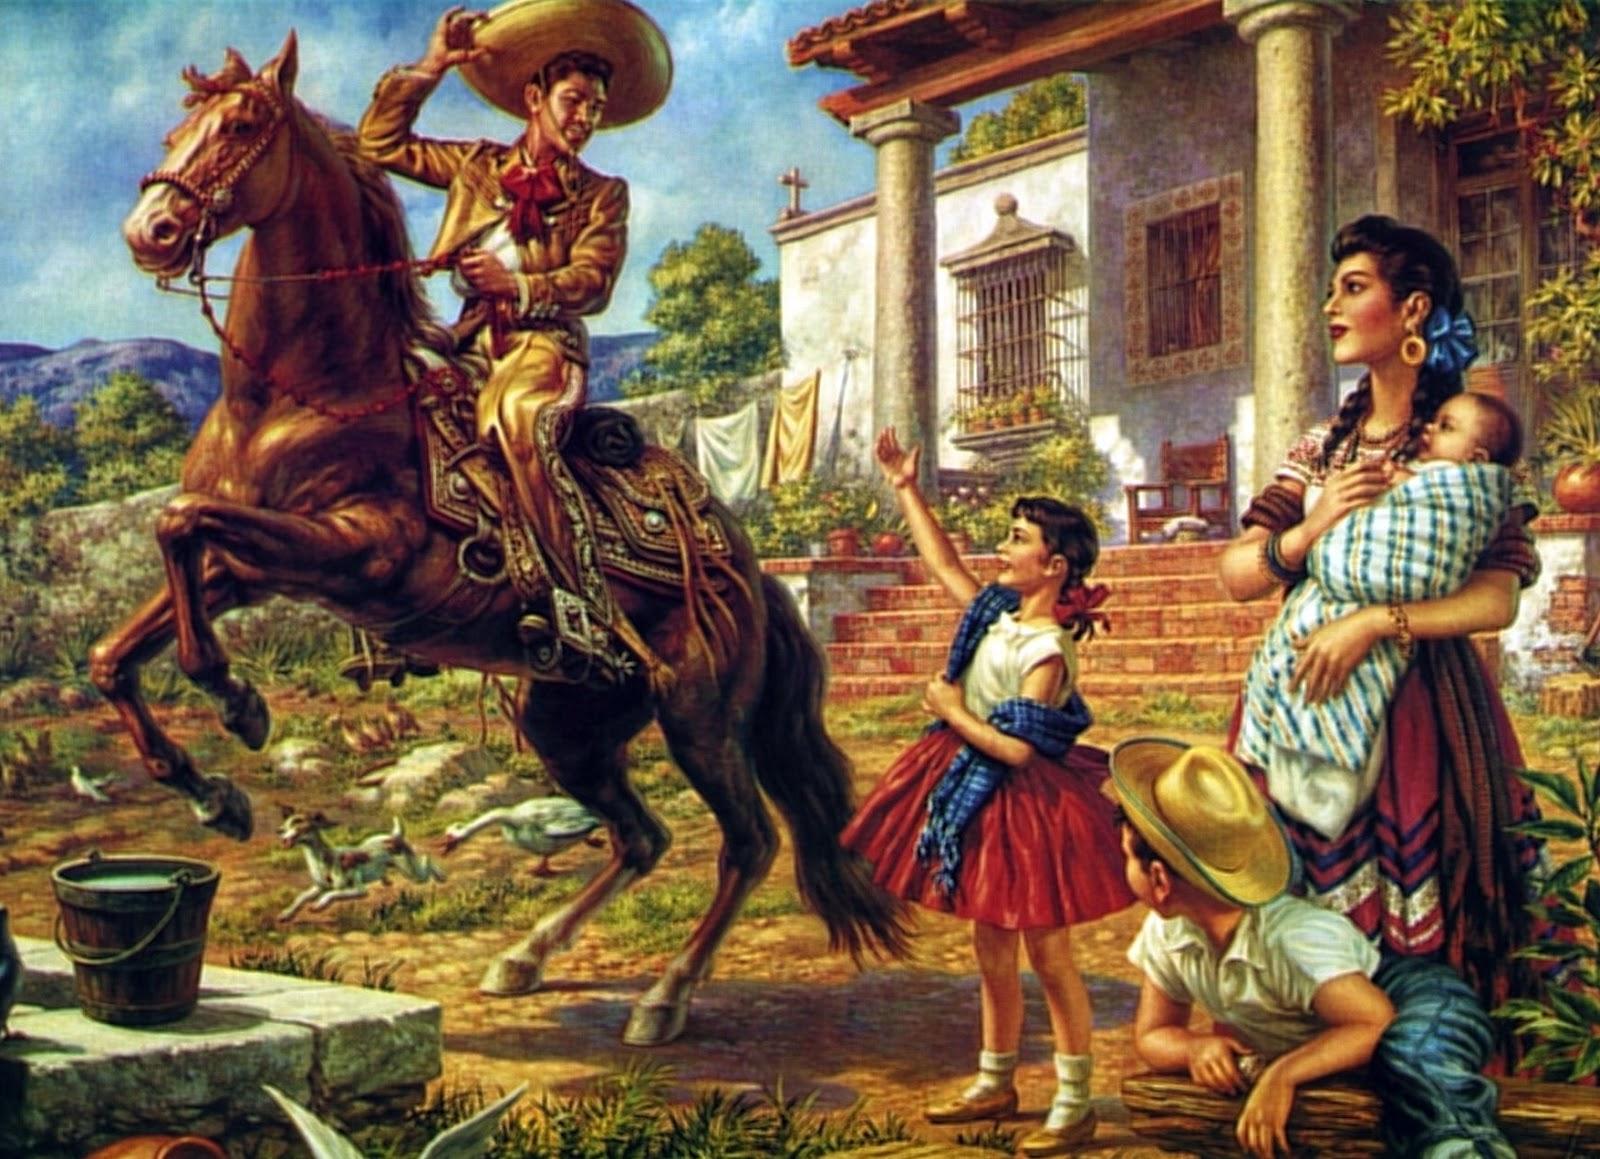 cuadros de jesús helguera pintor mexicano paisajes mexicanos al óleo